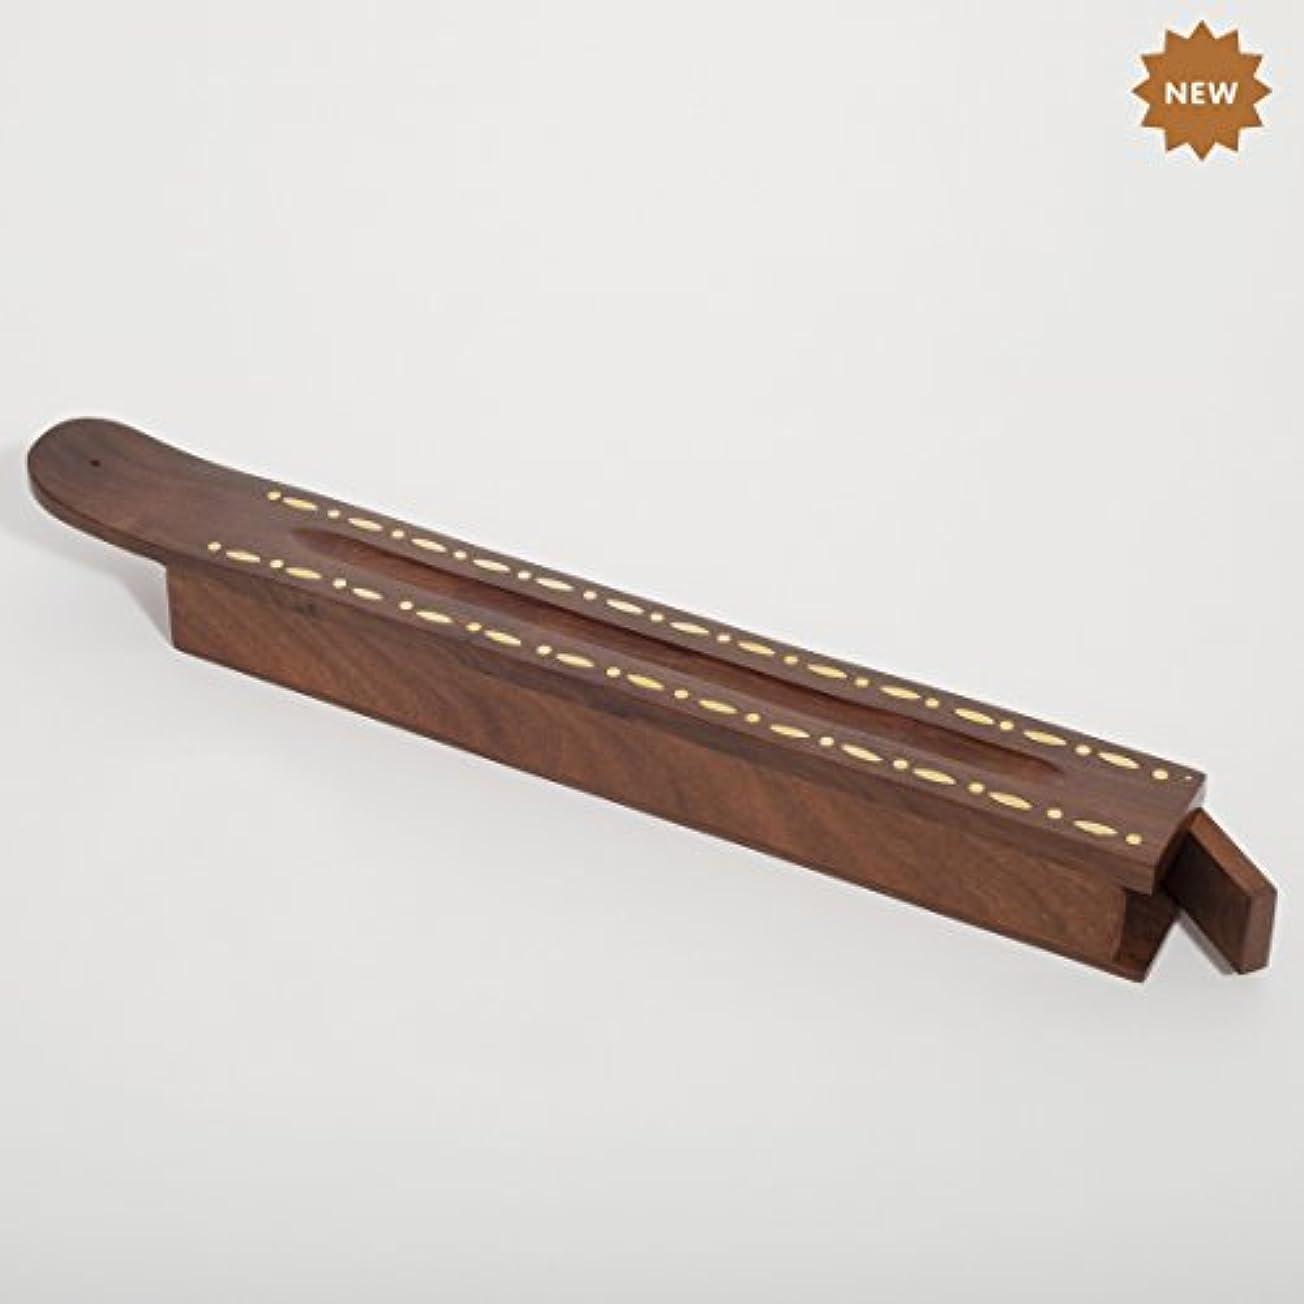 チョコレート転倒さようならRusticity 木製お香スタンド お香スティック 収納スロット付き 細めインレー ハンドメイド (12 x 1.4インチ)